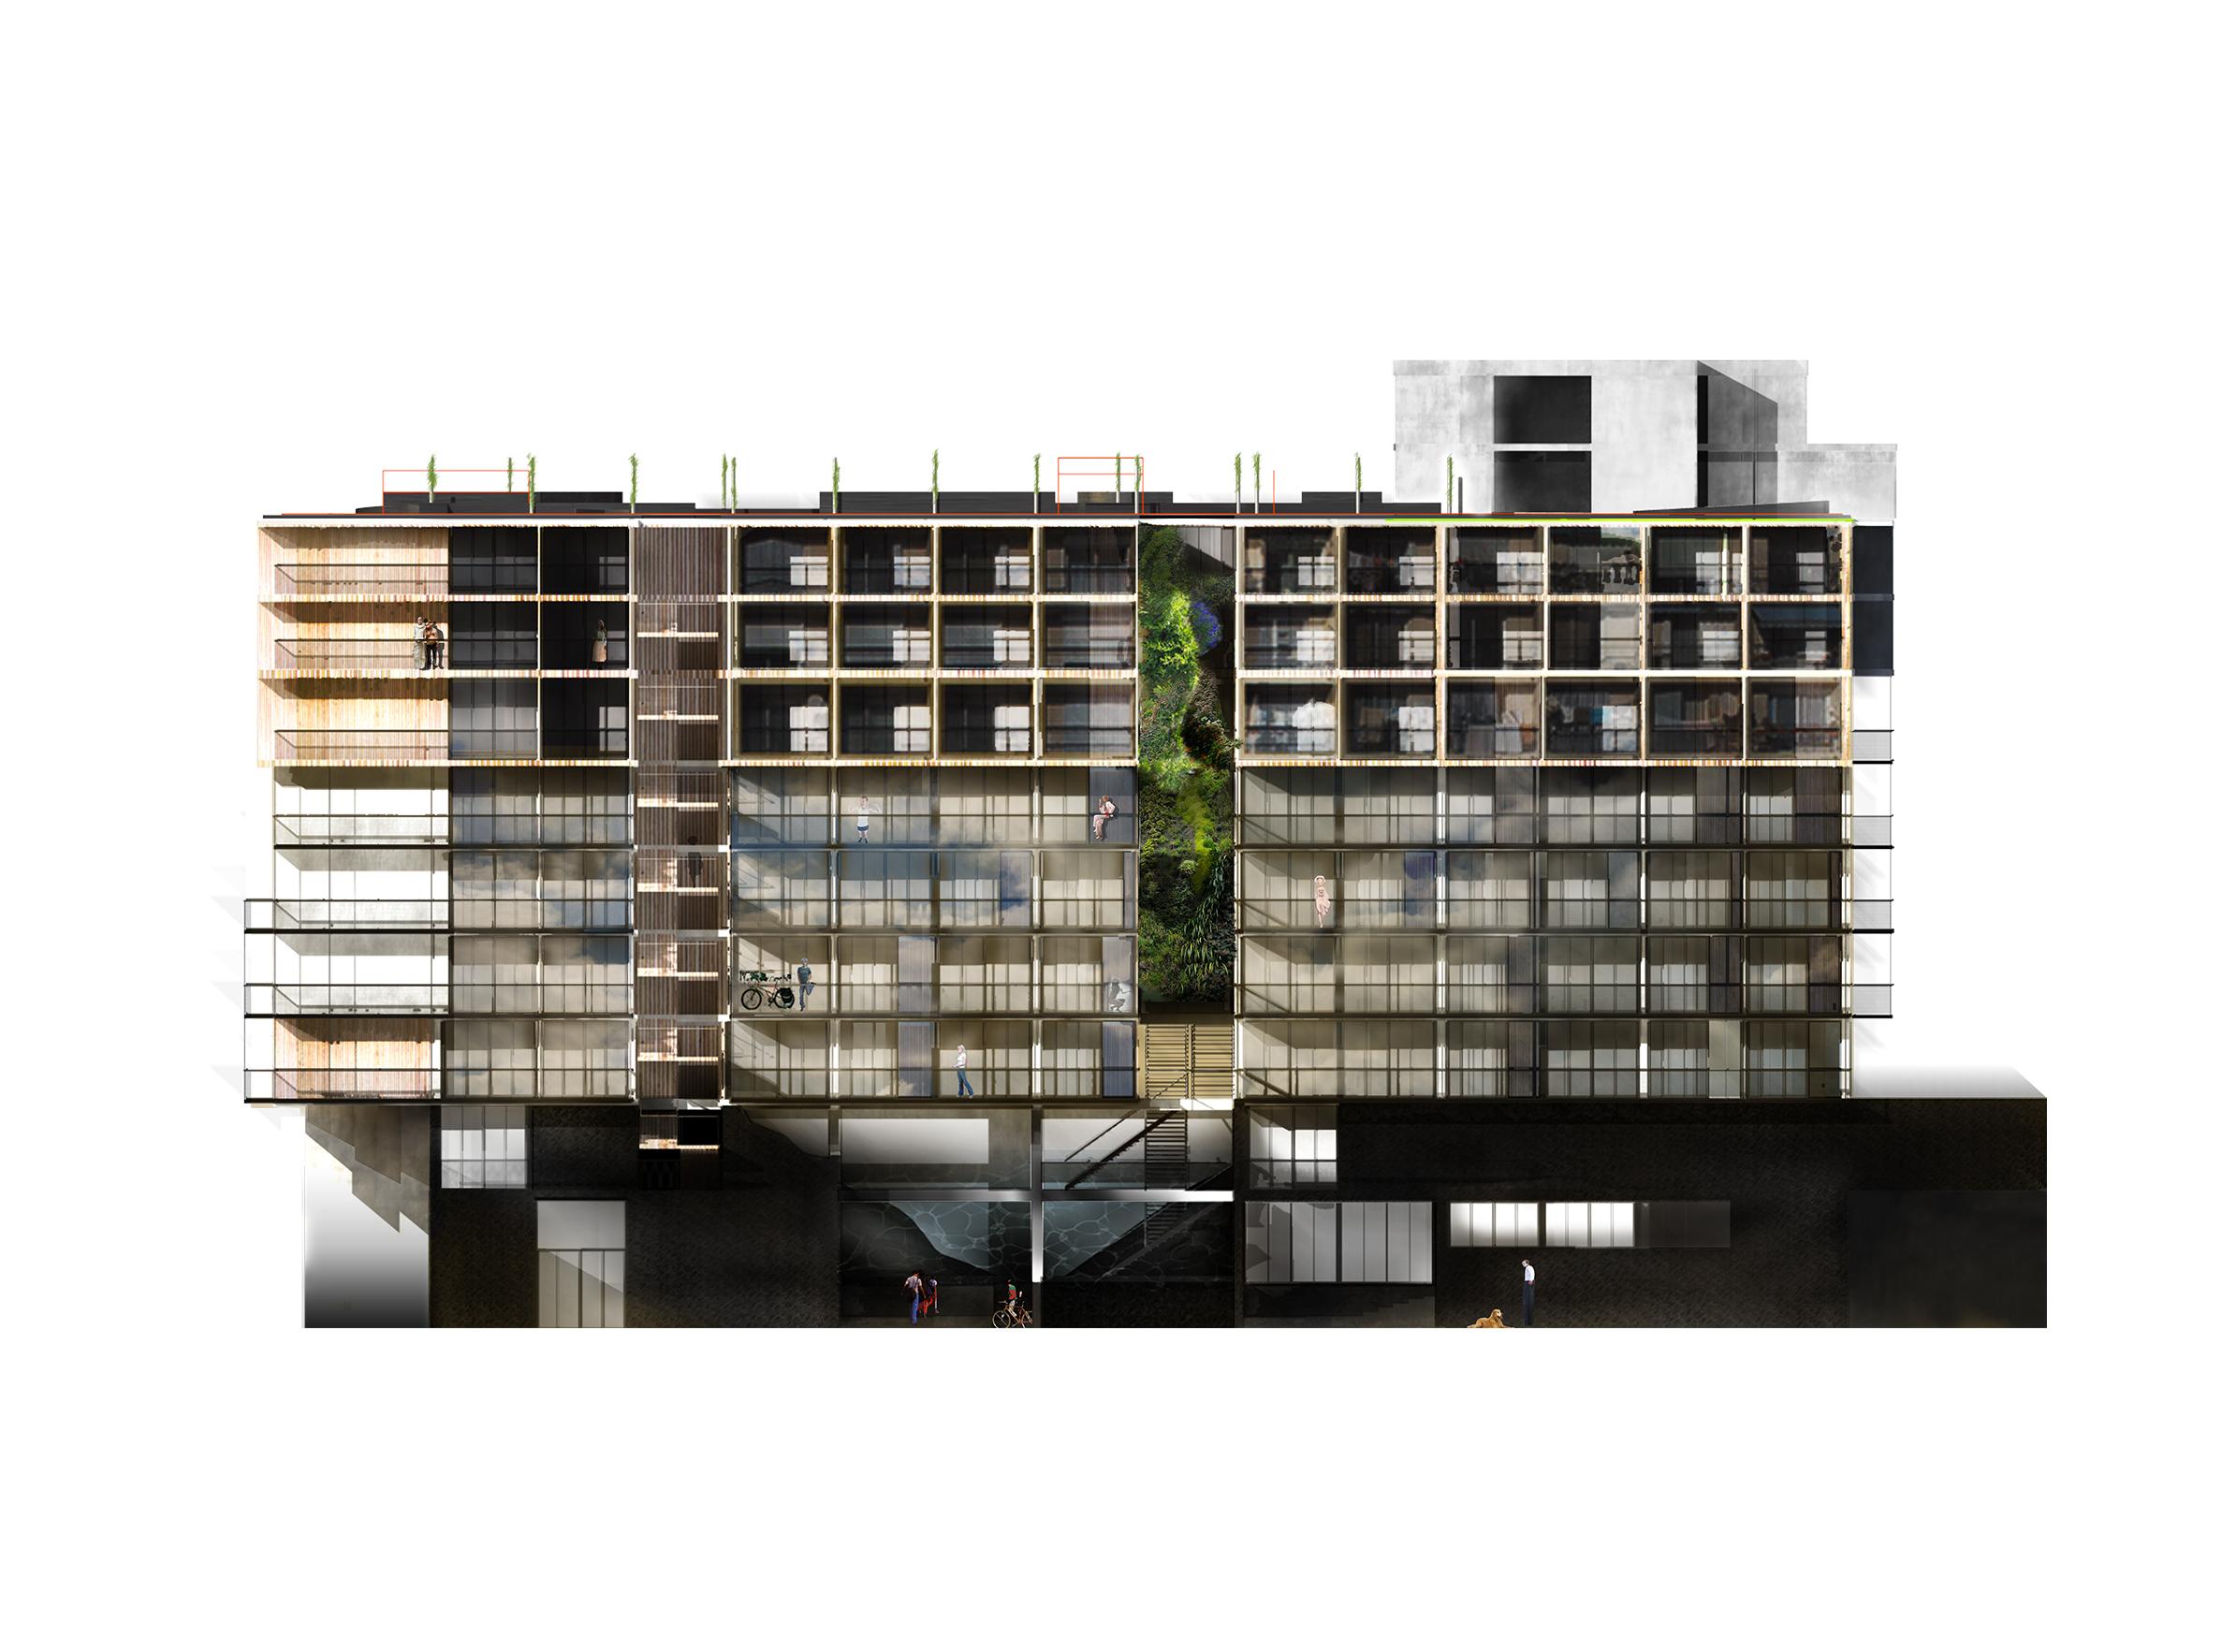 Palazzo Bercy - 04 - Logements - Caractère Spécial - Matthieu Poitevin Architecture